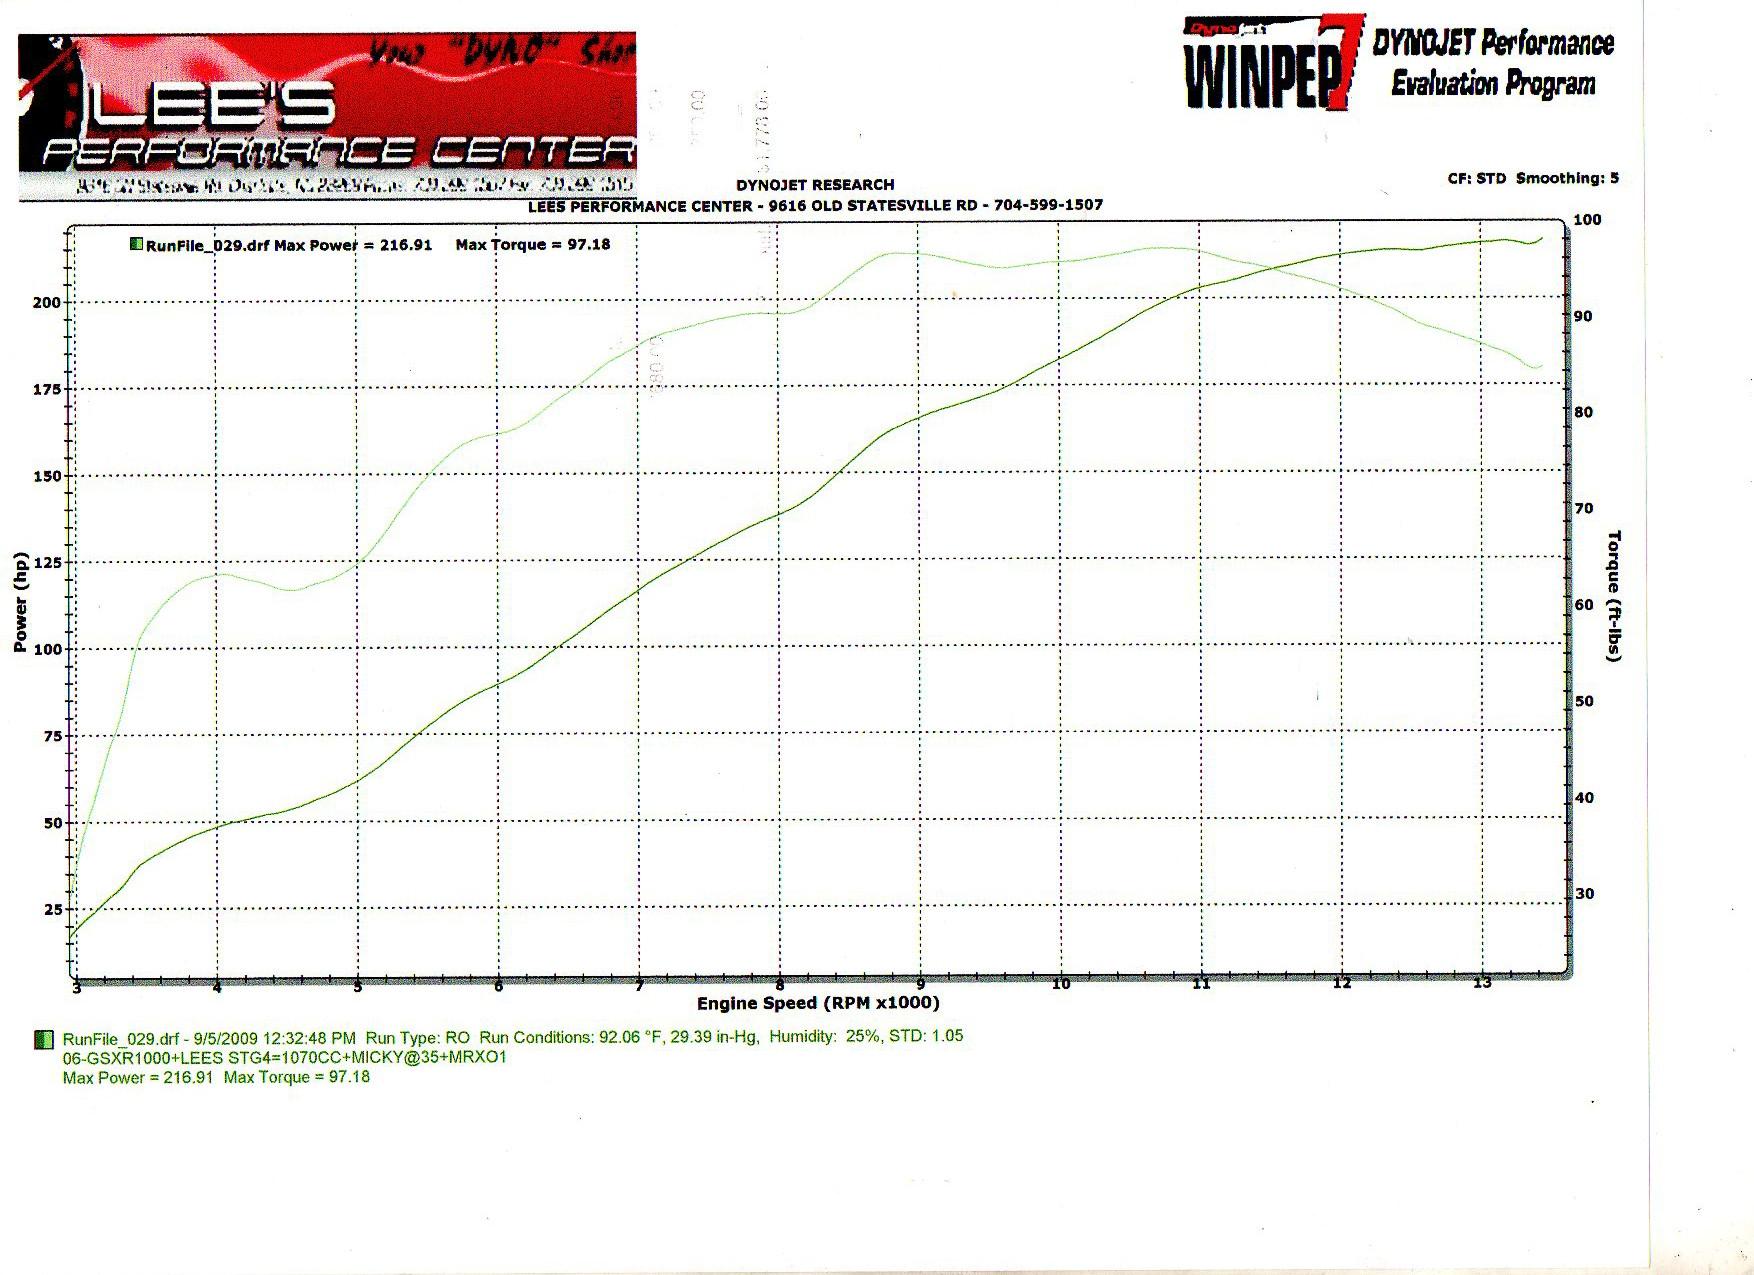 06-gsxr-1000-stg-4-2-004-dyno-graph-lees.jpg